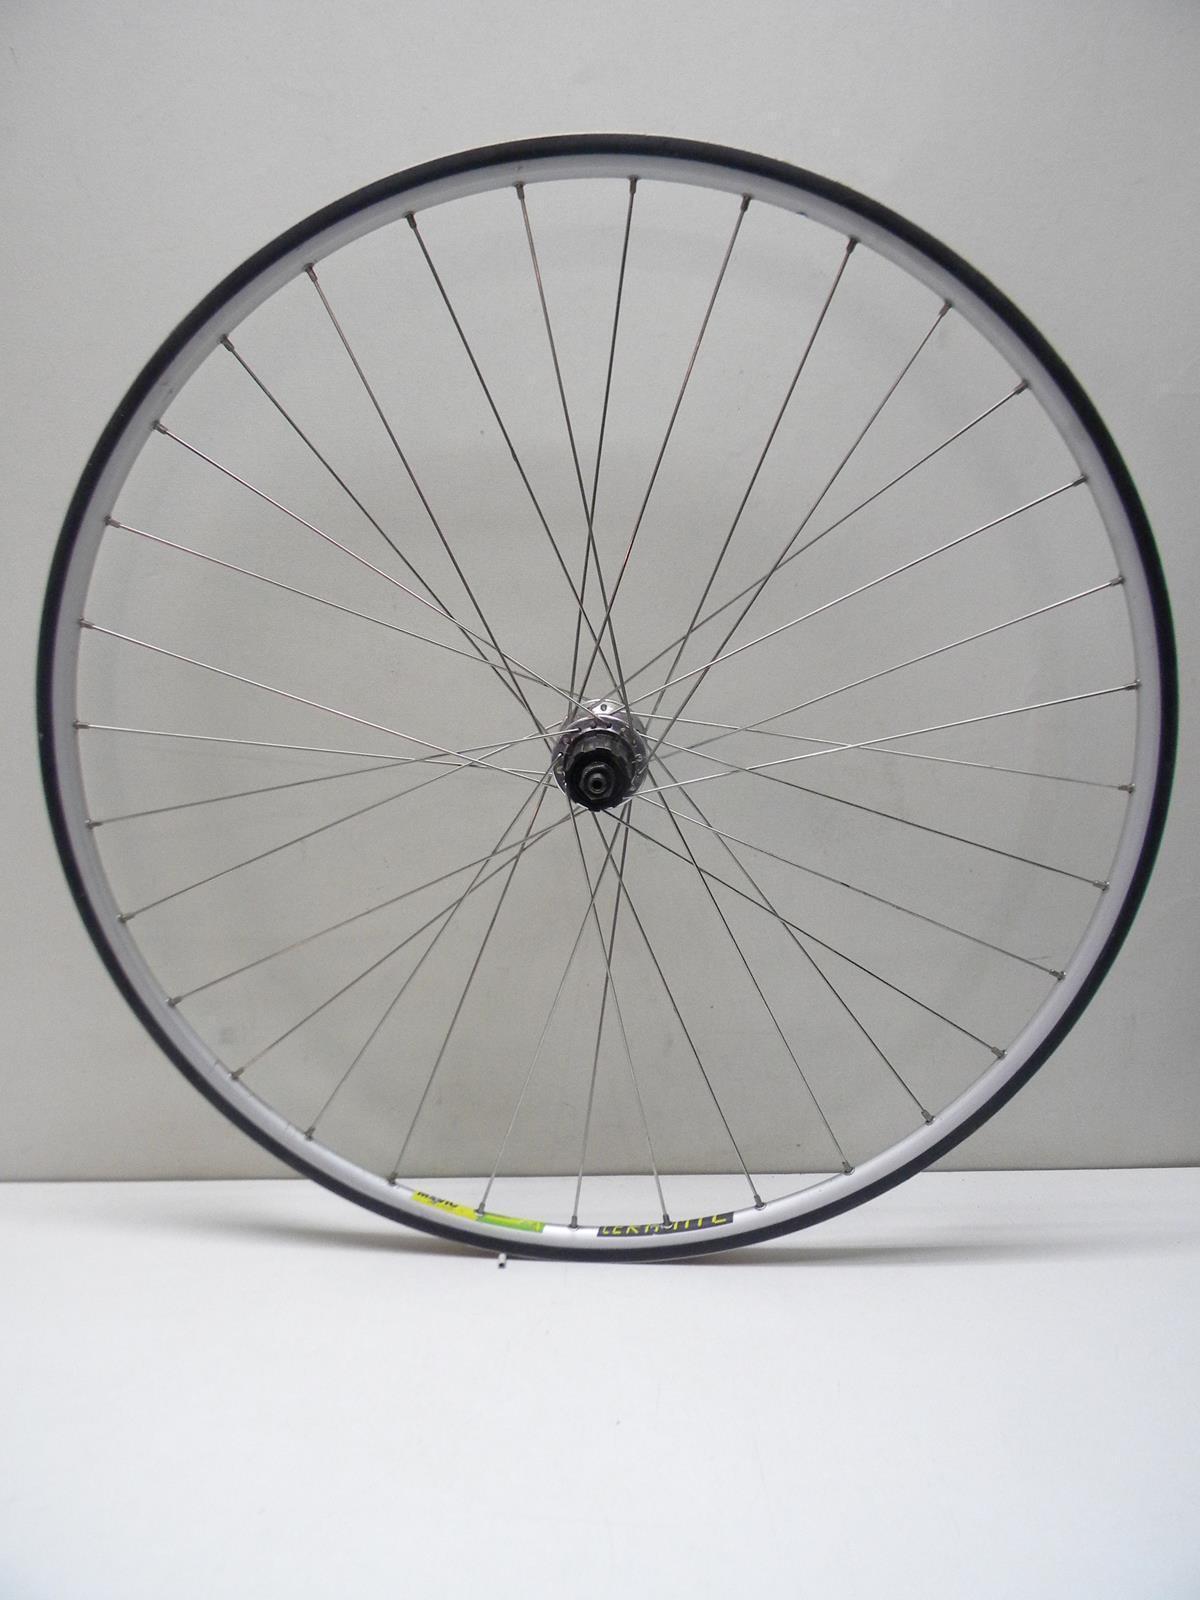 Mavic Match 2 Ceramic Rear  Wheel Campagnolo Hub (W53)  sell like hot cakes